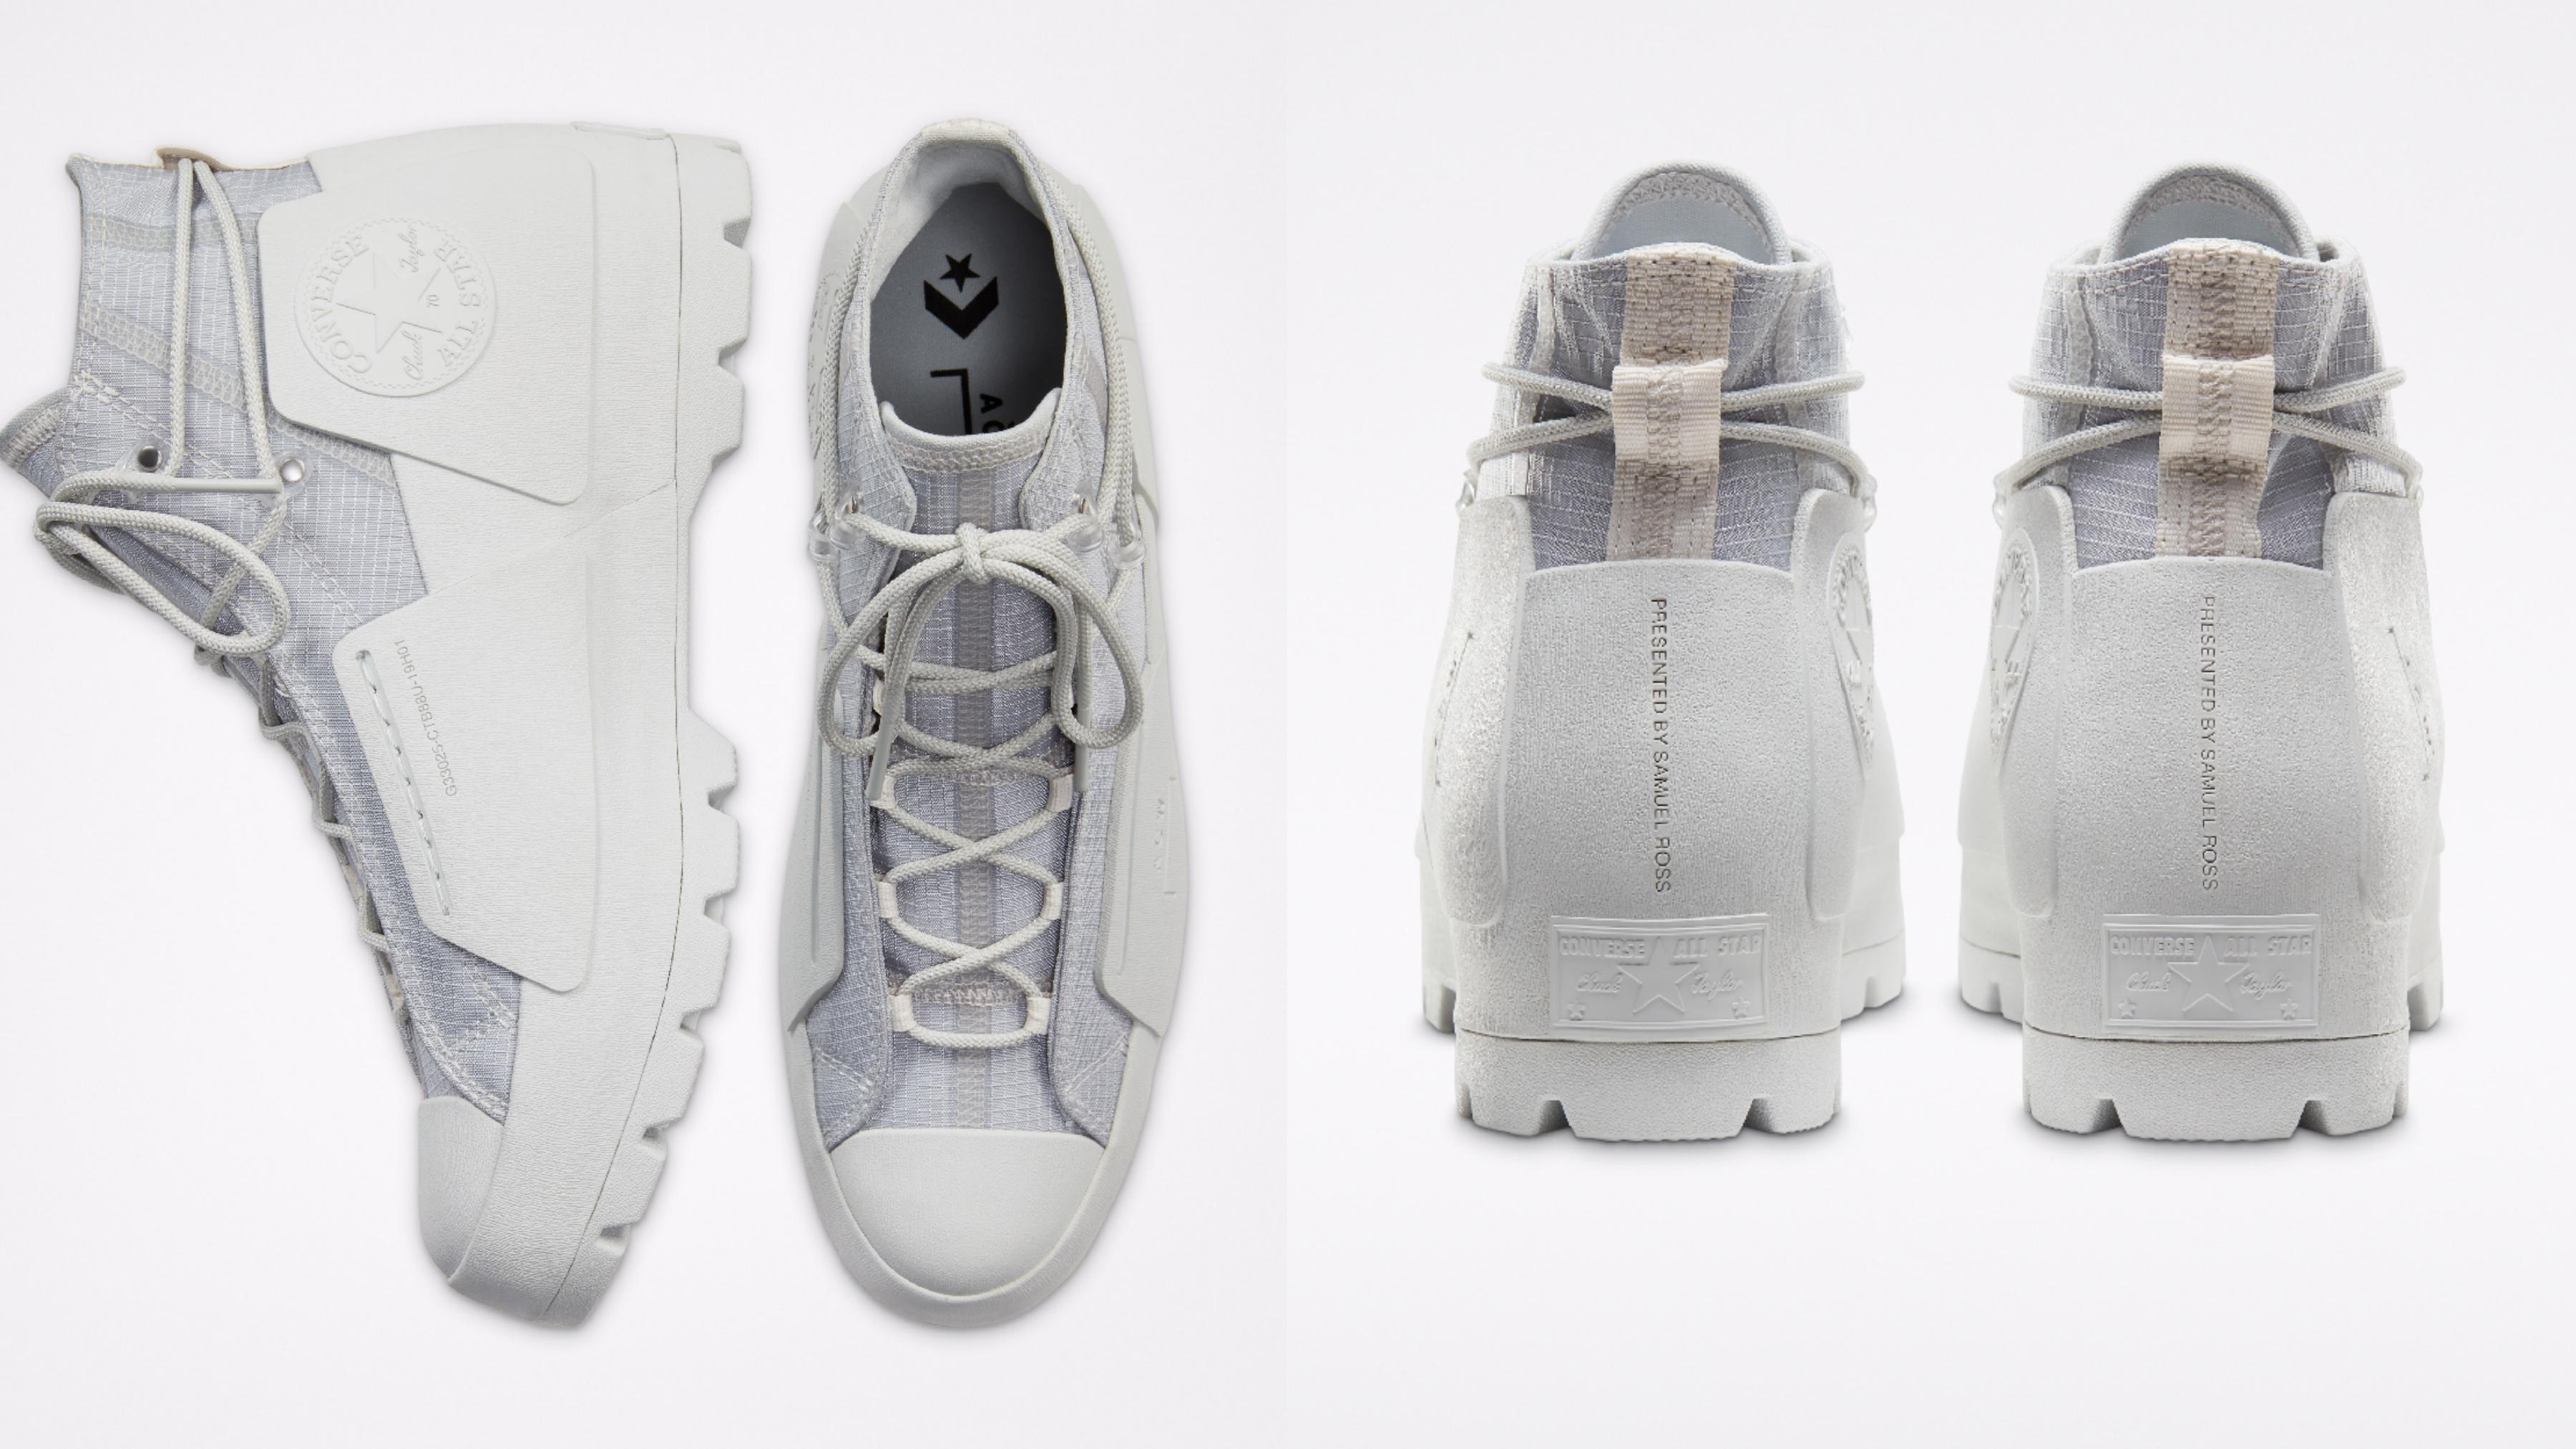 鞋款均採用象徵中性和大地元素的灰色作為底色